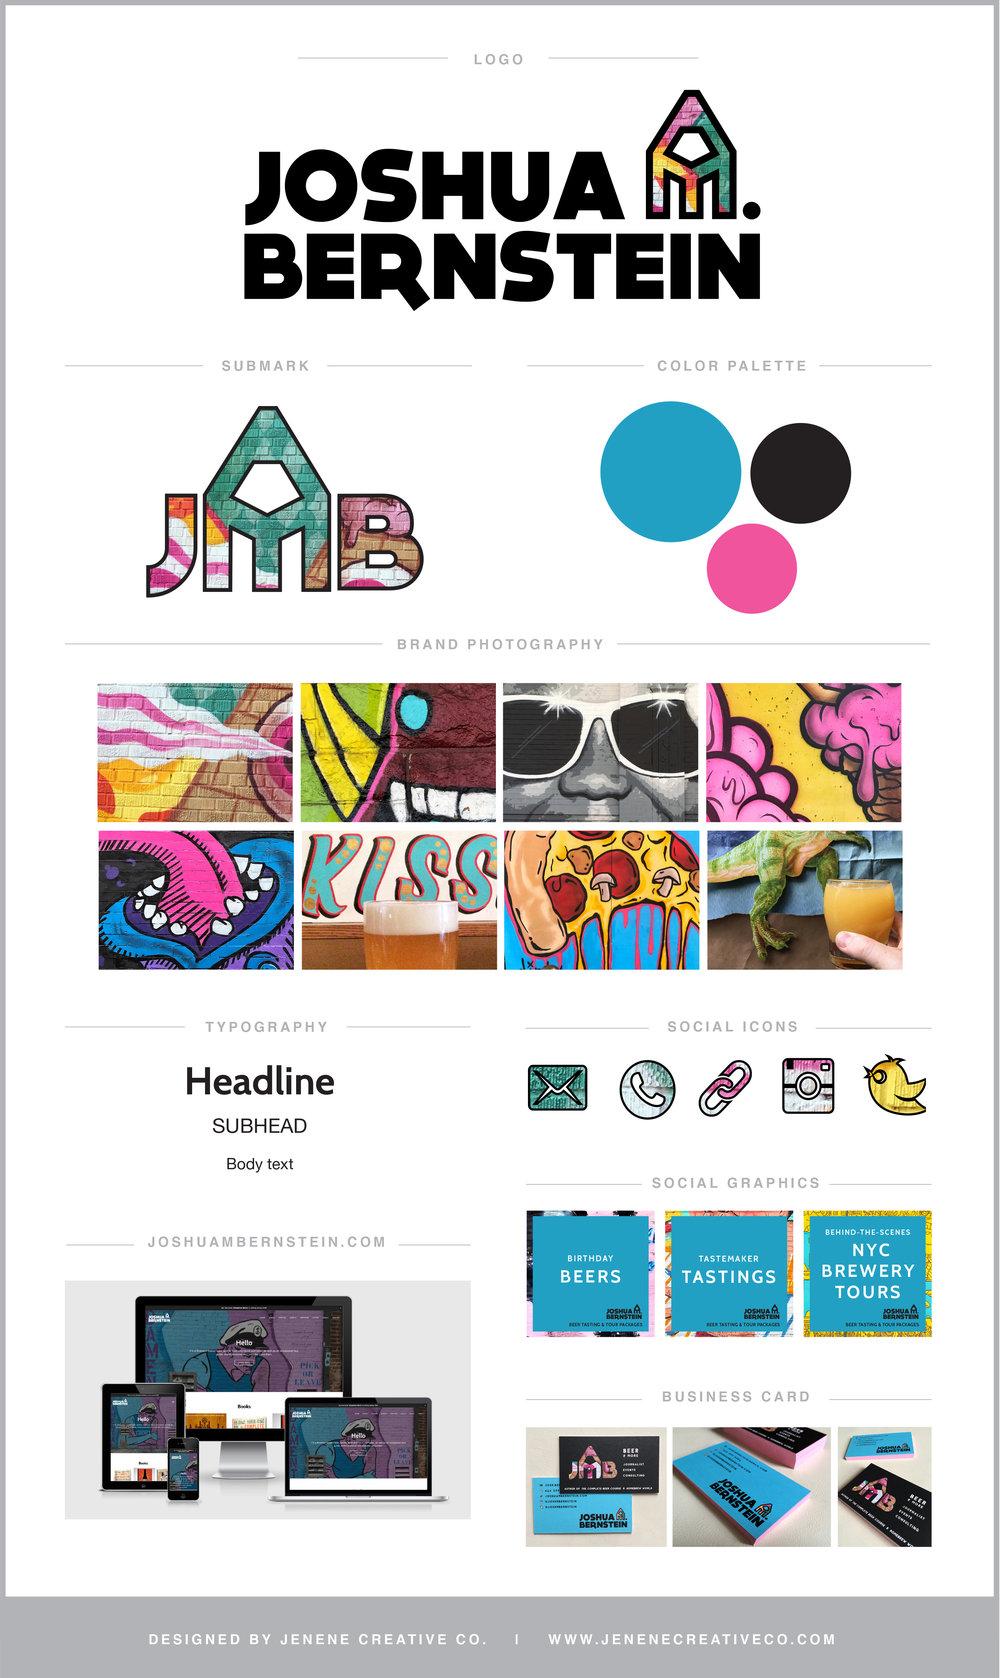 JoshuaMBernstein-Brand Board.jpg